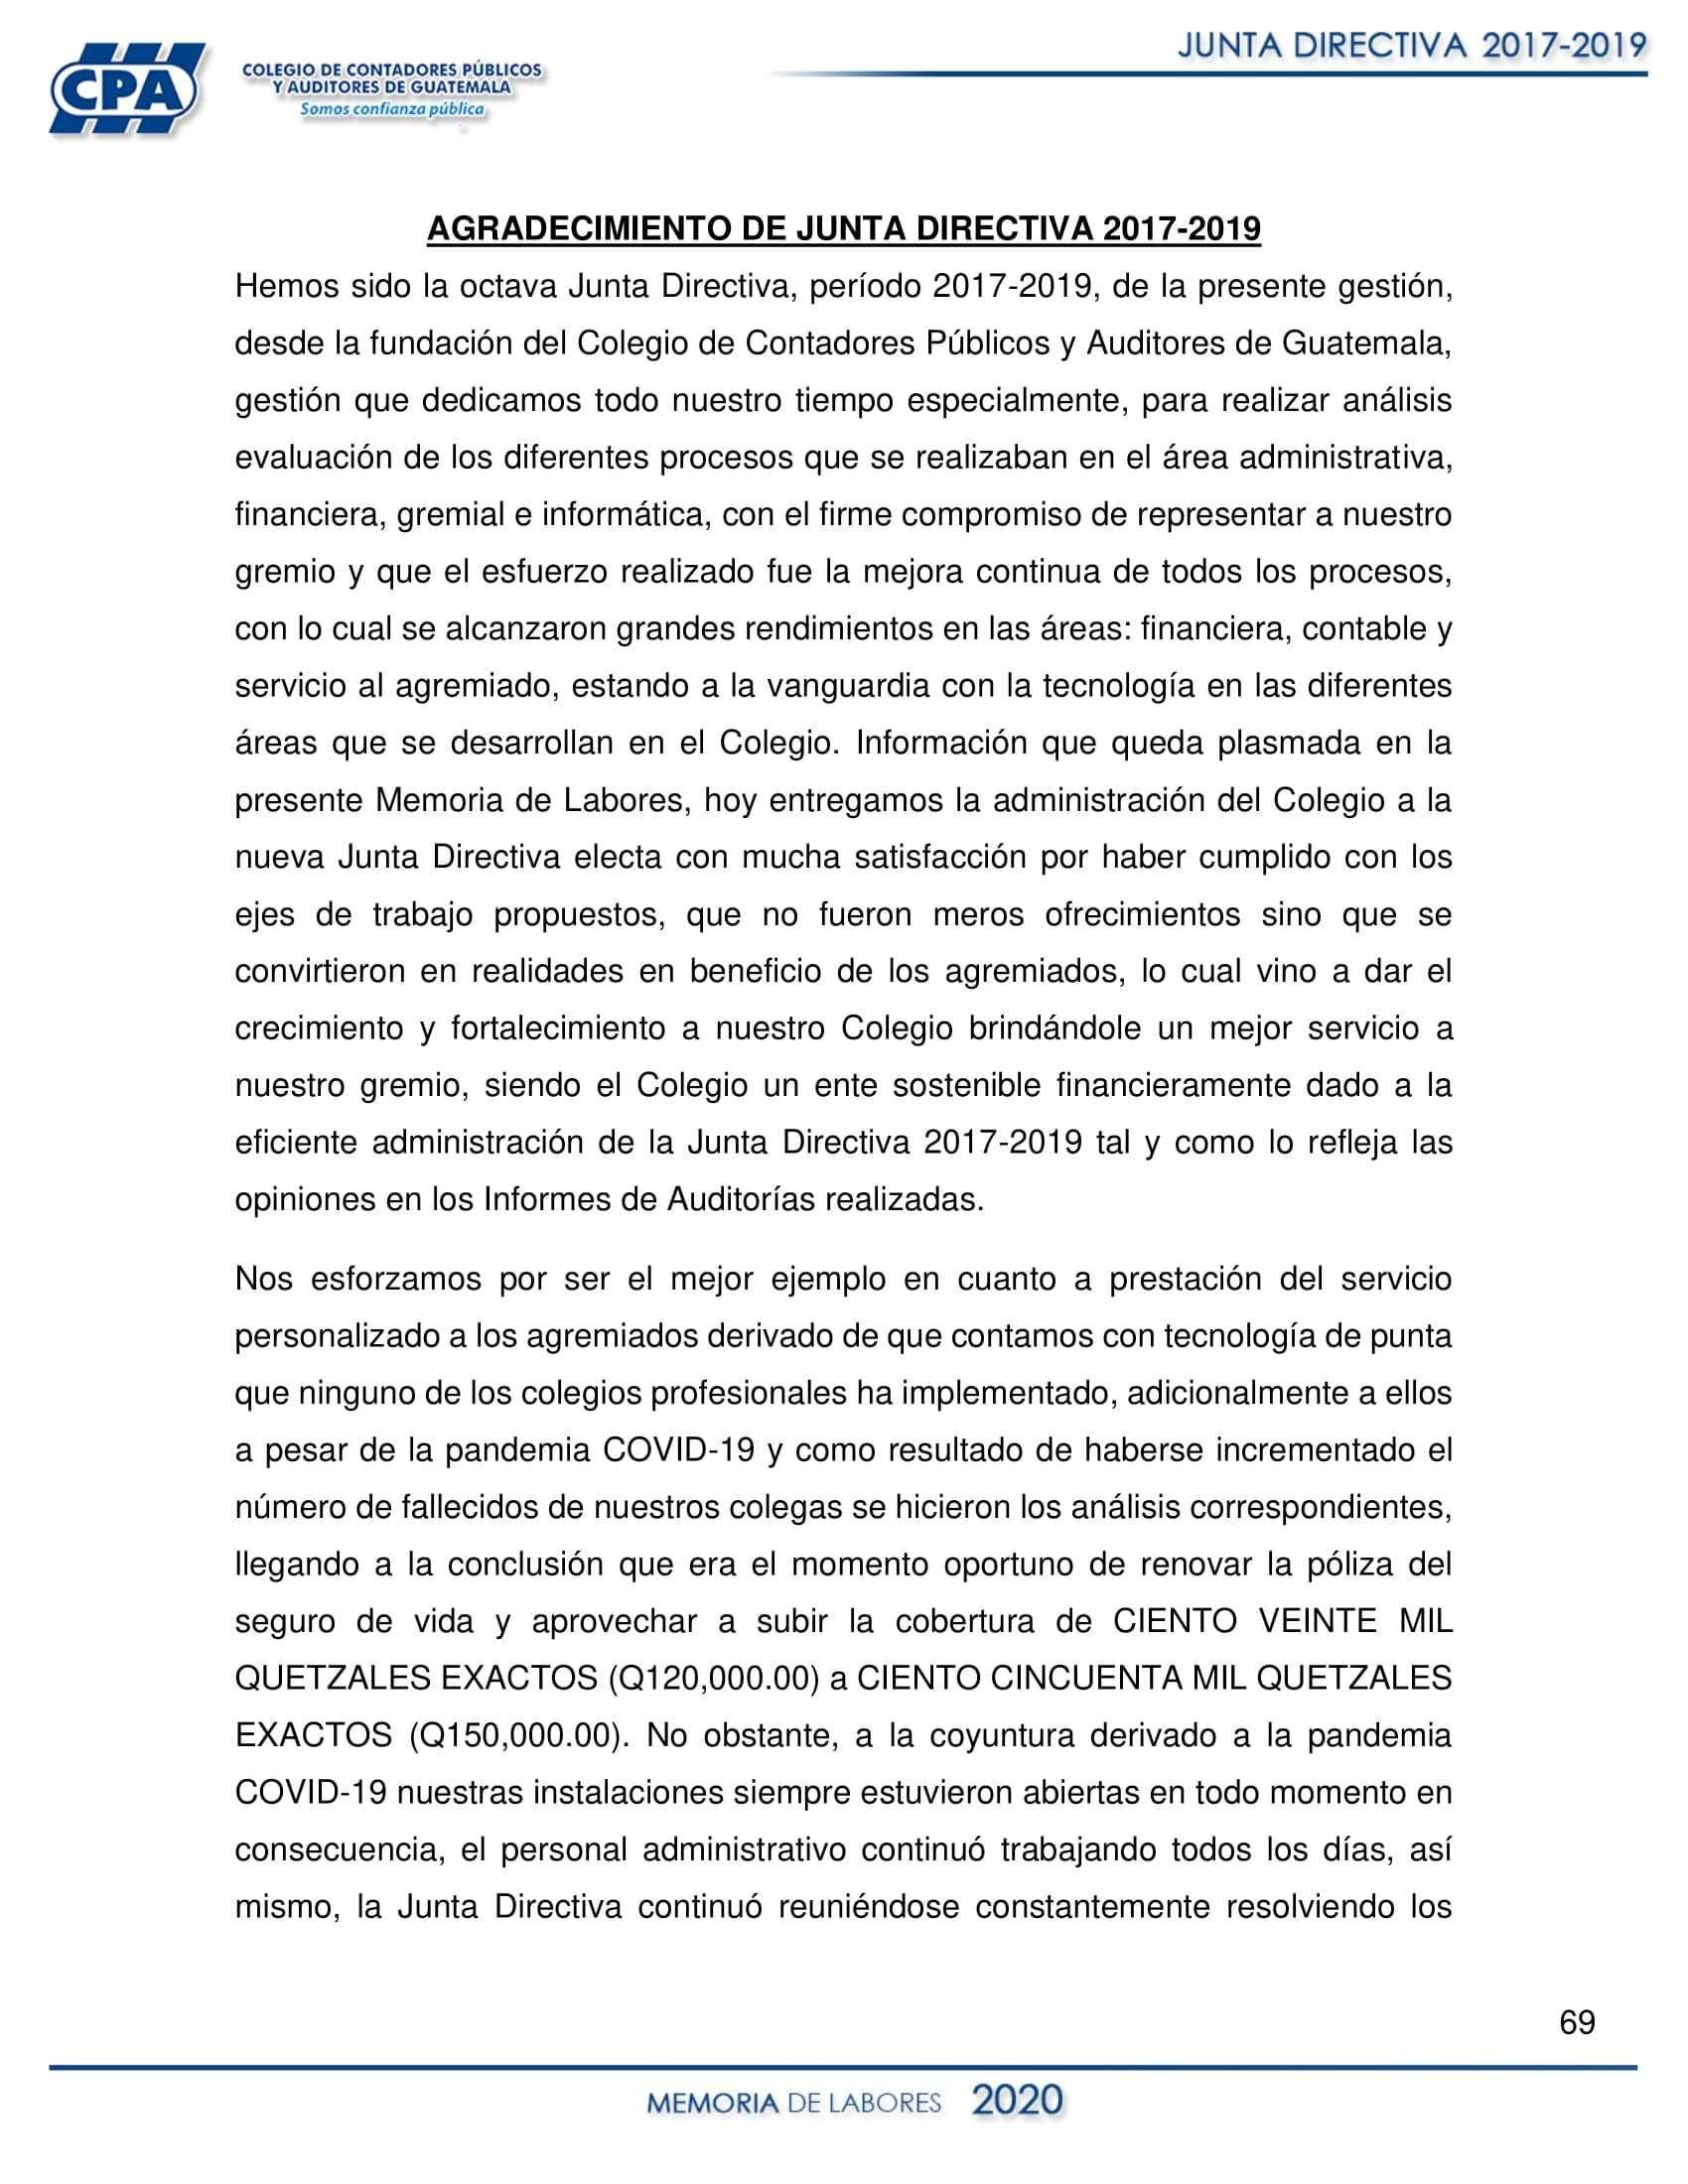 AGRADECIMIENTO DE JUNTA DIRECTIVA 2017-2019